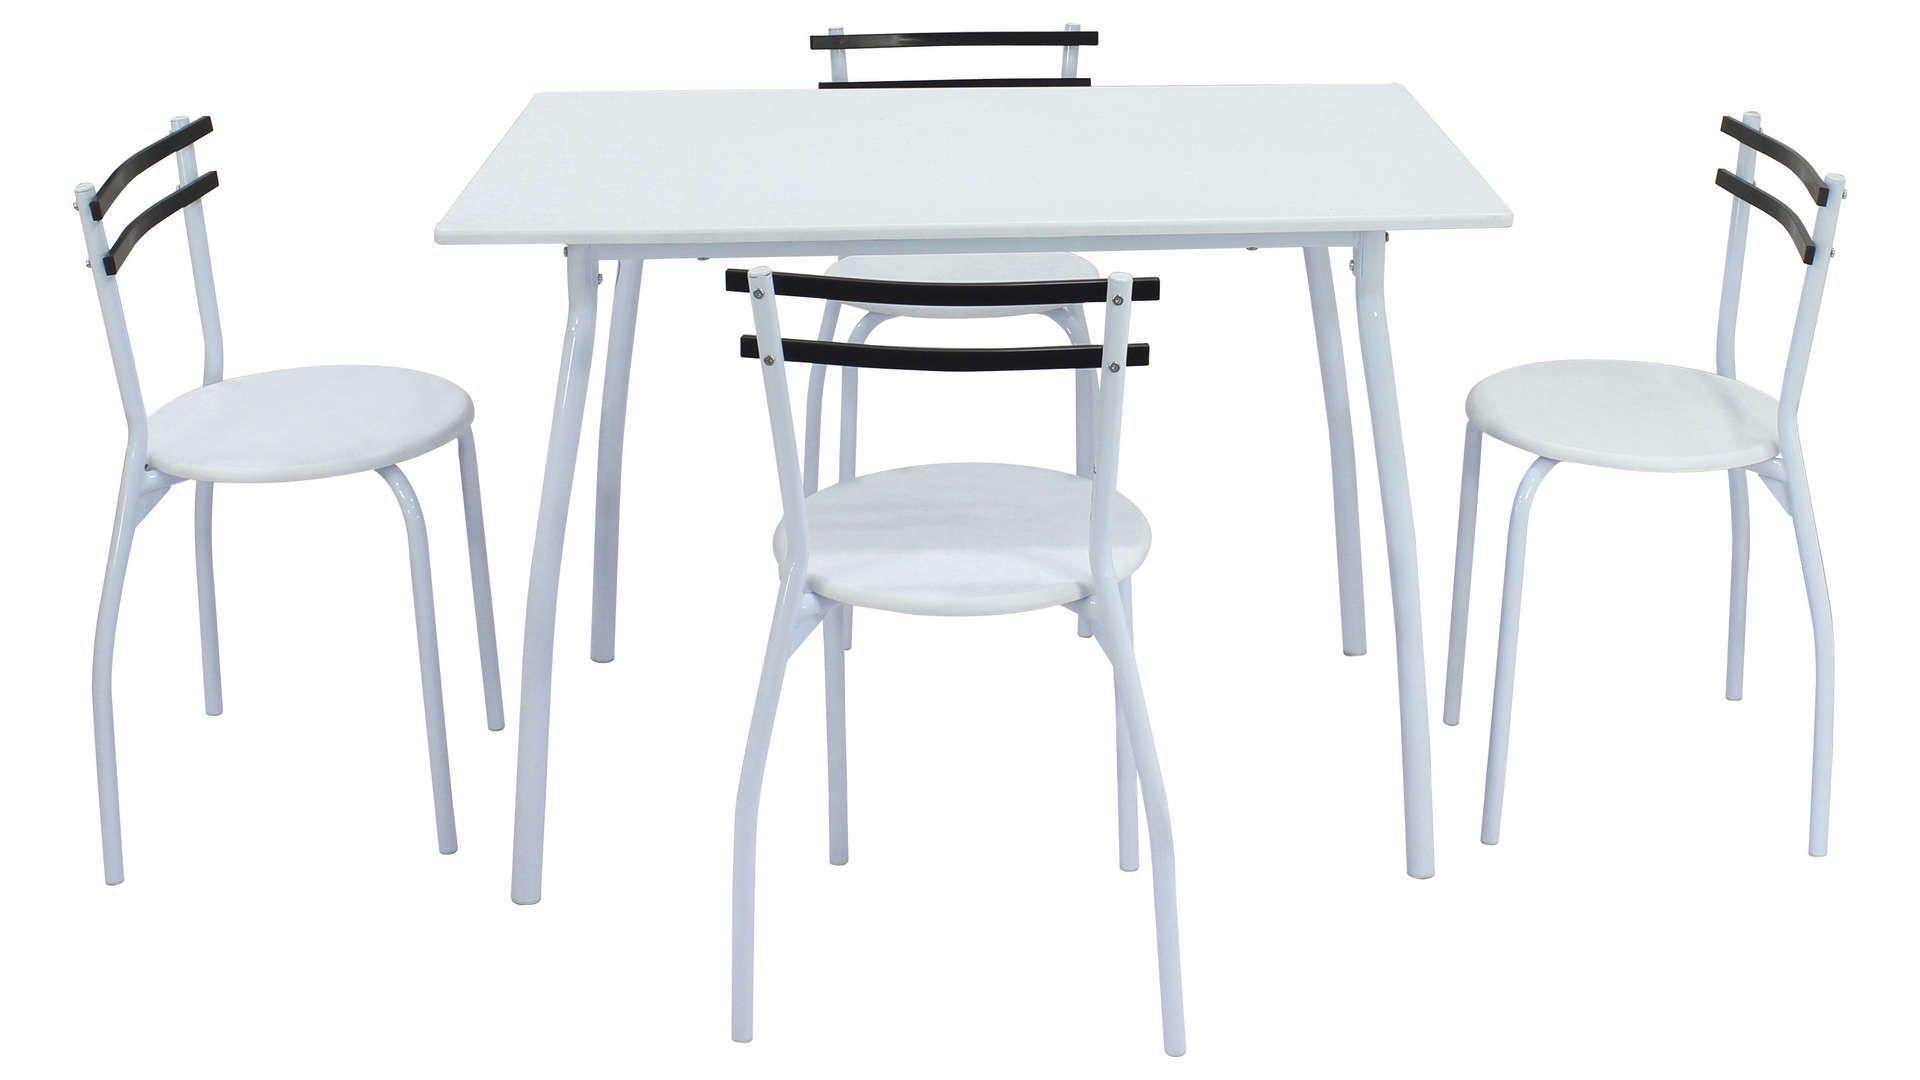 Ensemble Table Et Chaises De Cuisine Rec Sun Dining Chairs Furniture Home Decor